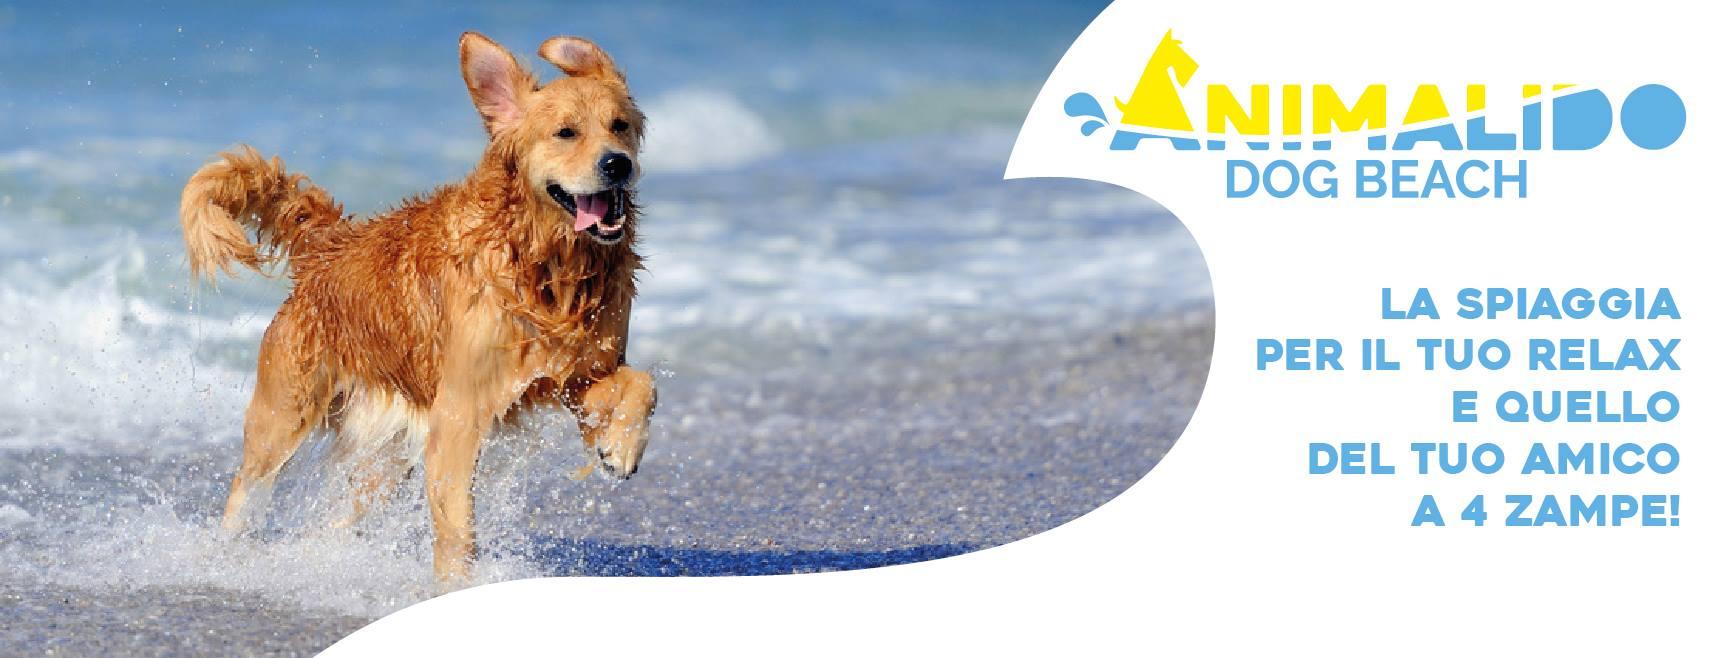 Animalido Dog Beach